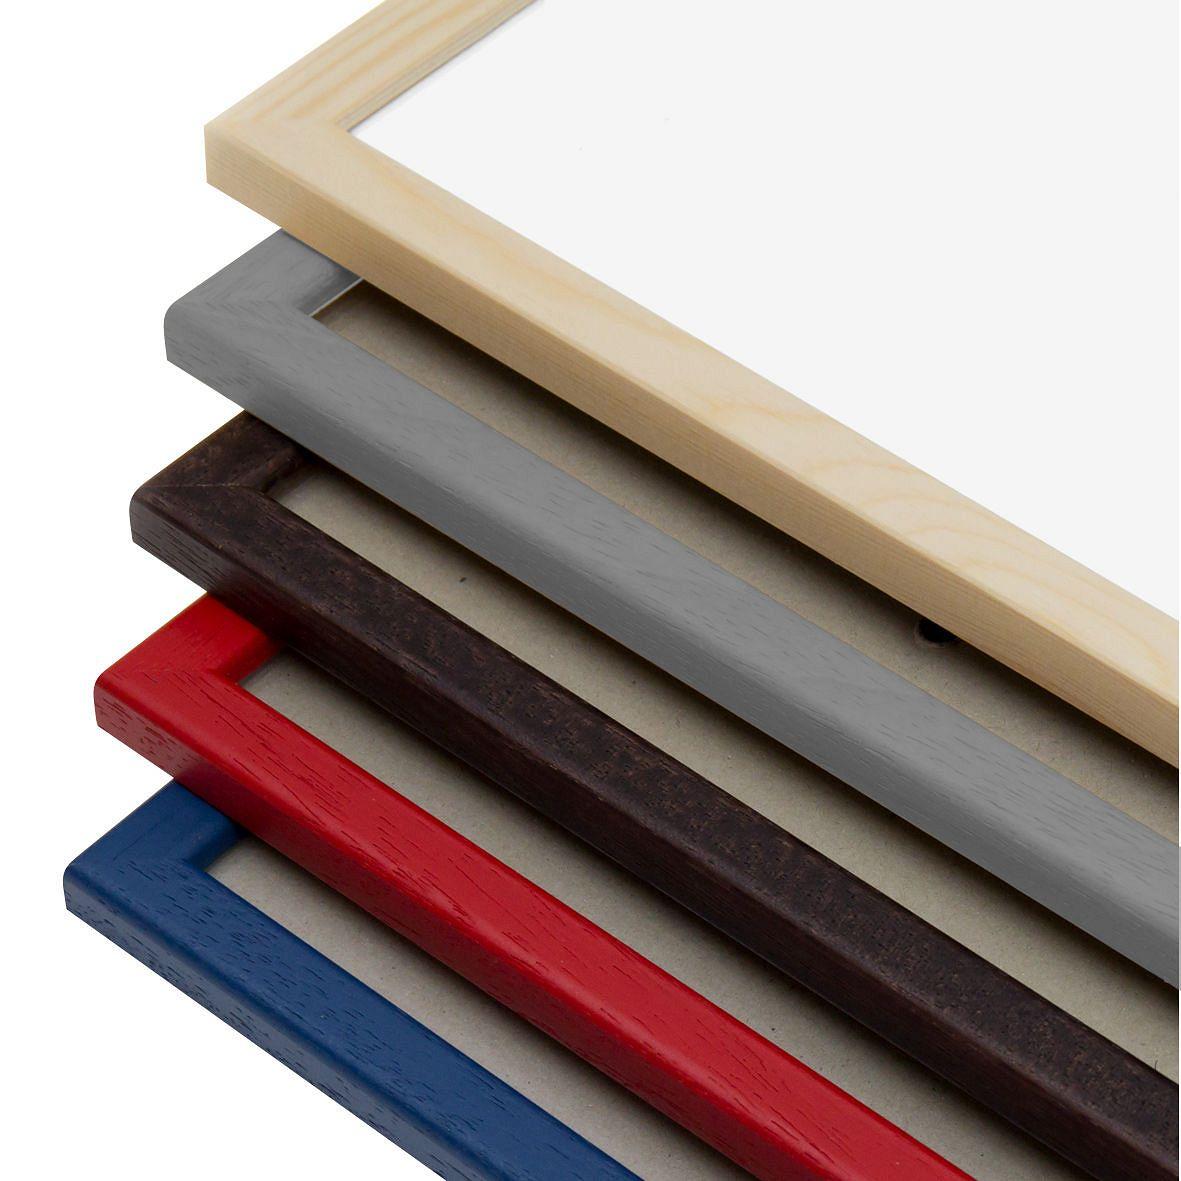 bilderrahmen aus holz natur a4 mit profilleiste kaufen. Black Bedroom Furniture Sets. Home Design Ideas